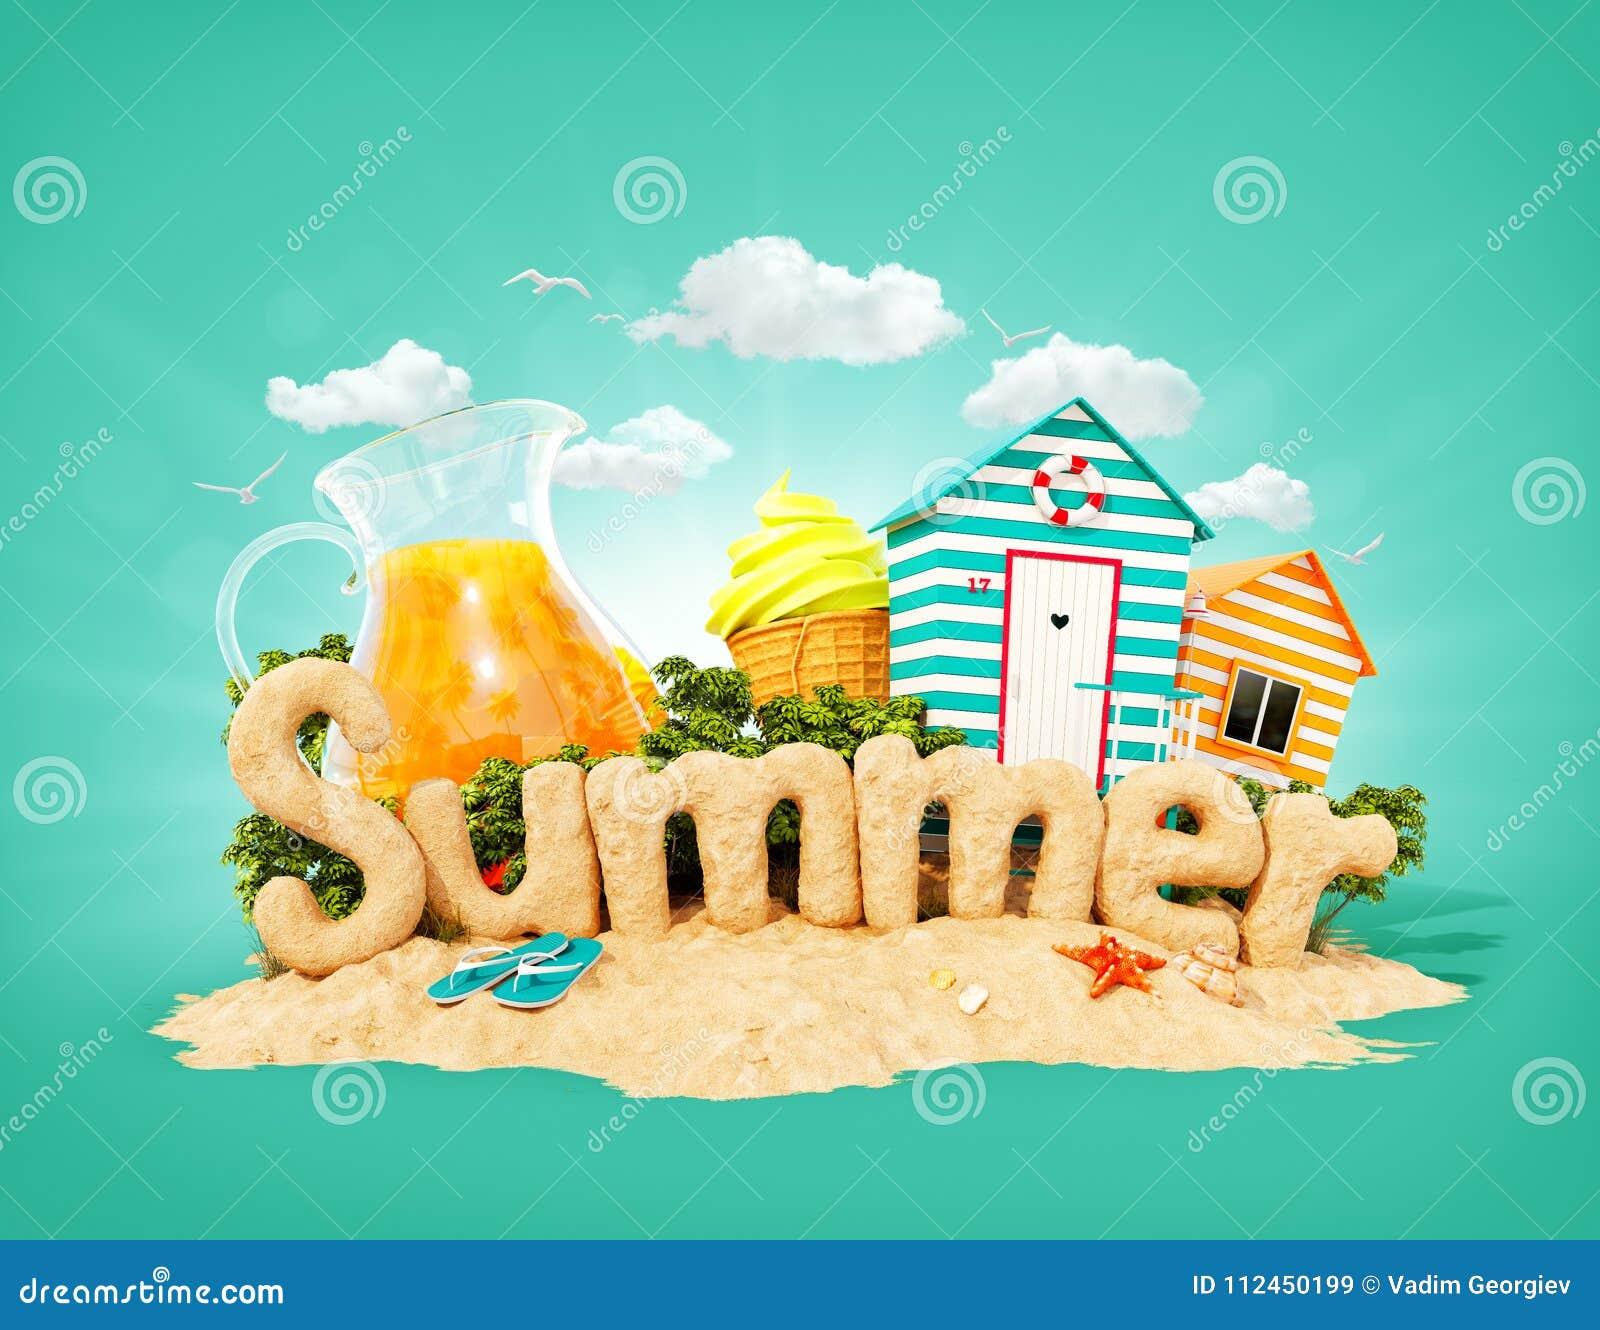 Słowa lato robić piasek na tropikalnej wyspie Niezwykła 3d ilustracja wakacje